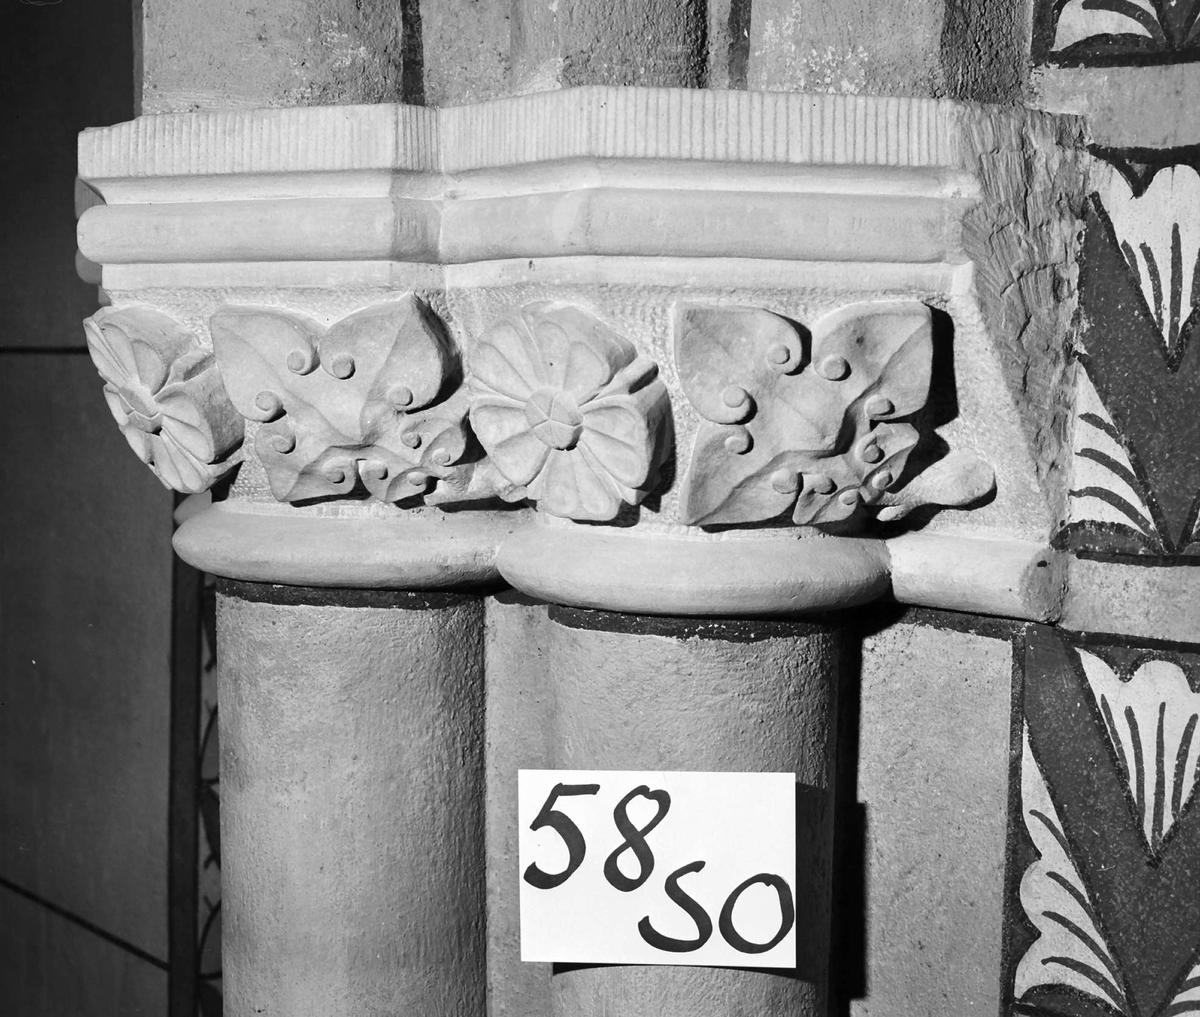 Kapitäl i Uppsala domkyrka, travénummer 58SO